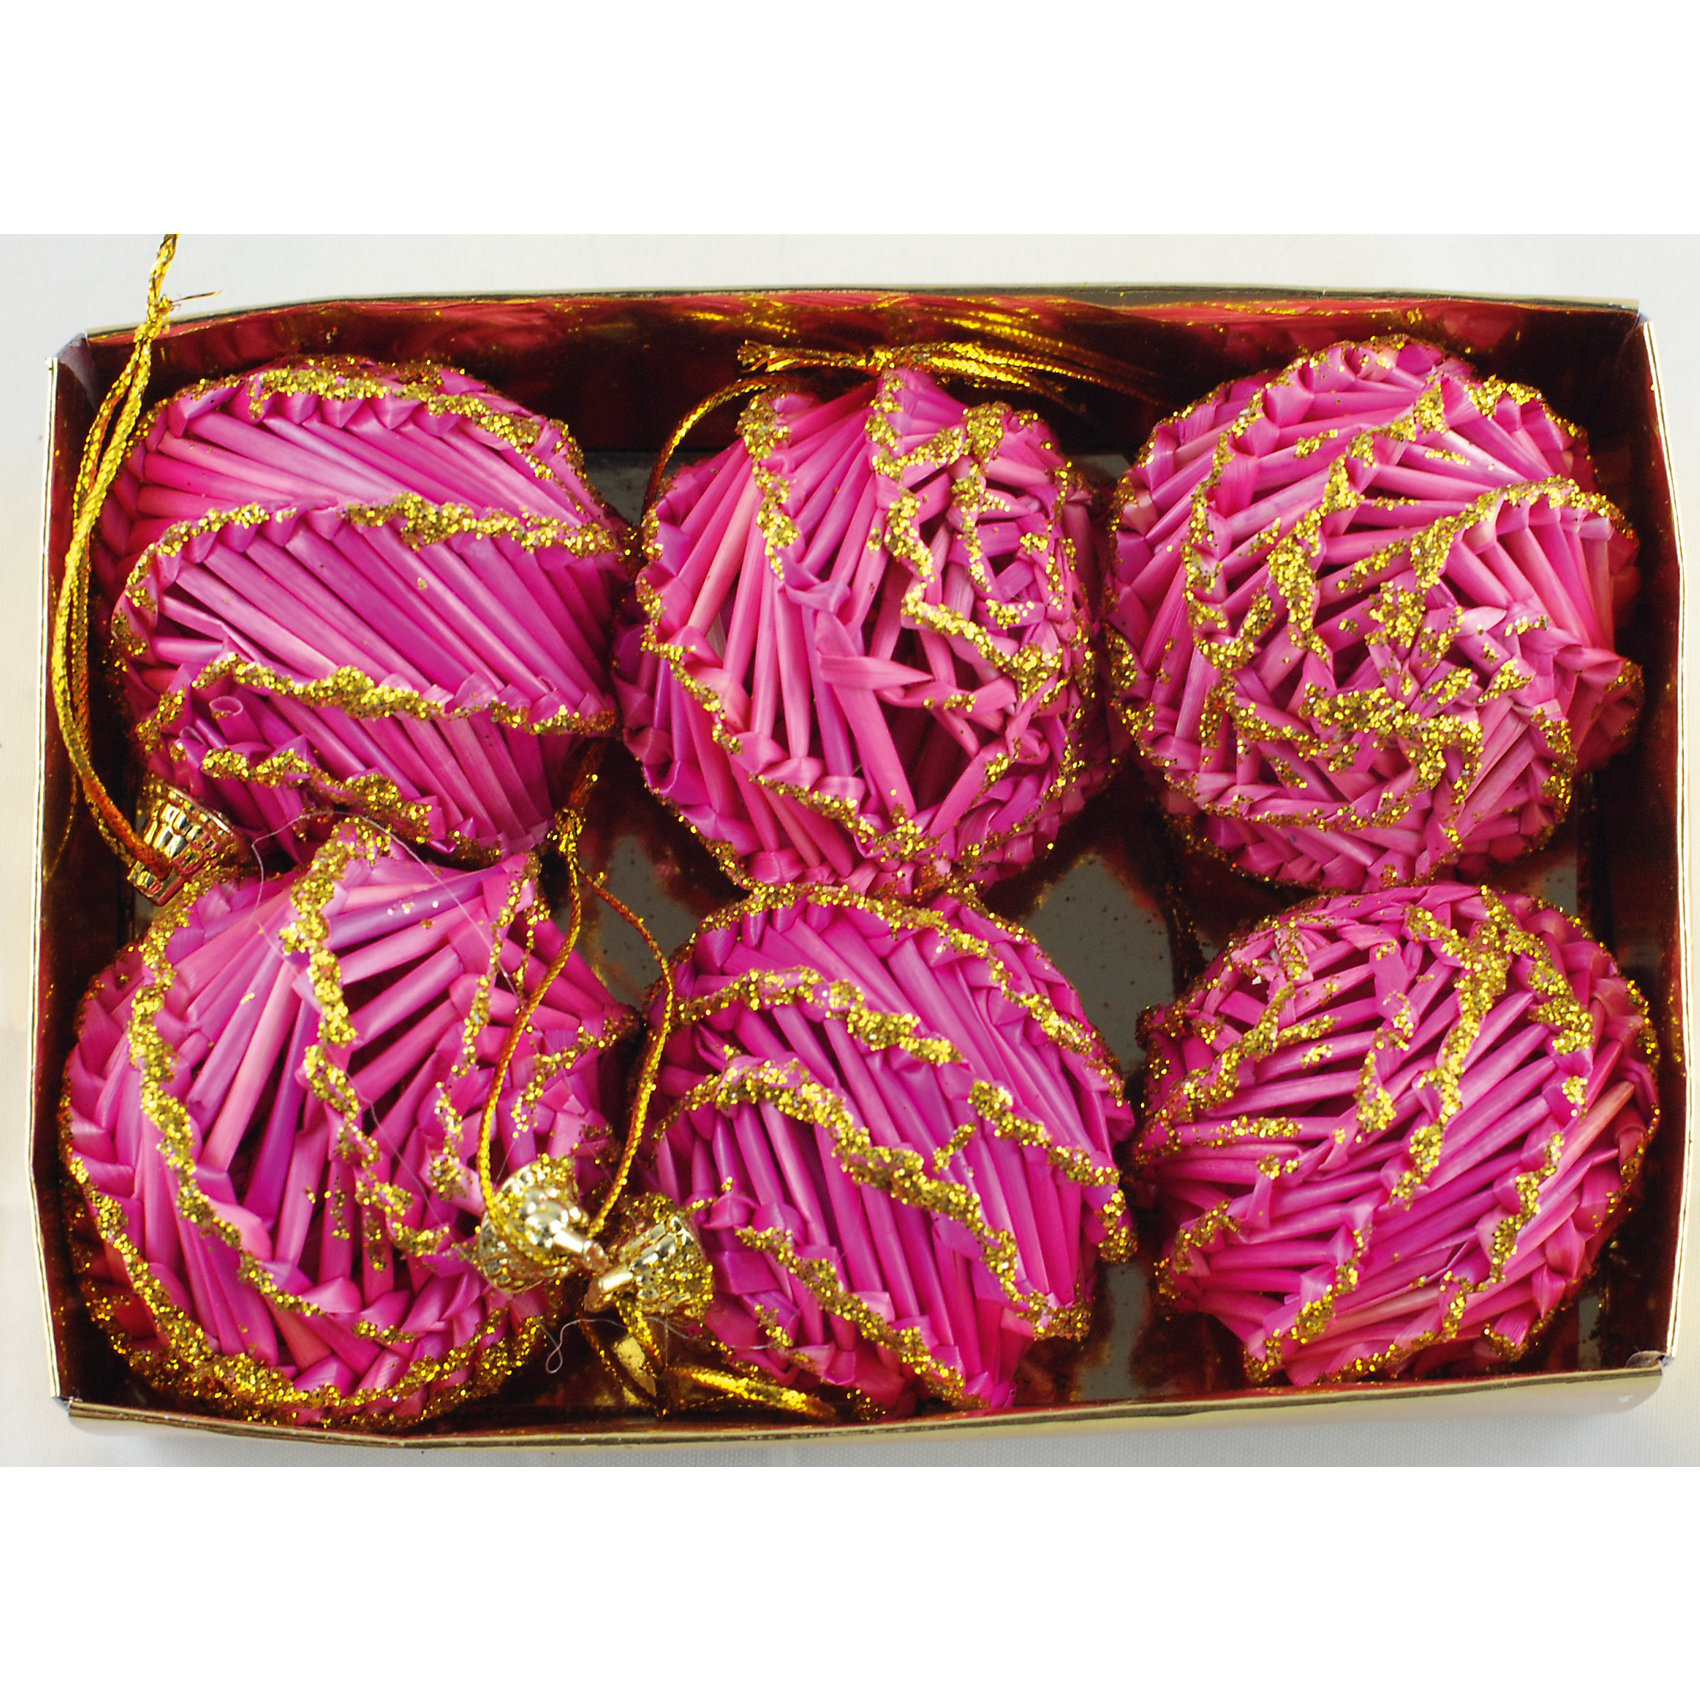 Украшение Розовые шарыНовинки Новый Год<br>Украшение Розовые шары – это декоративное новогоднее украшение замечательно украсит интерьер.<br>Набор подвесных украшений состоит из 6 розовых шаров, выполненных из соломы, покрытых лакоми и декорированных глиттером. Такие шары легки и удобны при оформлении елки, они не разобьются и прослужат долго. Оригинальный дизайн и красочное исполнение создадут праздничное настроение. Новогодние украшения приносят в дом волшебство и ощущение праздника и создают атмосферу тепла, веселья и радости.<br><br>Дополнительная информация:<br><br>- В наборе: 6 шт.<br>- Диаметр: 6 см.<br>- Материал: солома<br>- Цвет: розовый<br>- Размер упаковки: 18 х 12 х 6 см.<br><br>Украшение Розовые шары принесет в ваш дом ни с чем несравнимое ощущение волшебства!<br><br>Украшение Розовые шары можно купить в нашем интернет-магазине.<br><br>Ширина мм: 60<br>Глубина мм: 120<br>Высота мм: 180<br>Вес г: 100<br>Возраст от месяцев: 36<br>Возраст до месяцев: 2147483647<br>Пол: Унисекс<br>Возраст: Детский<br>SKU: 4276459